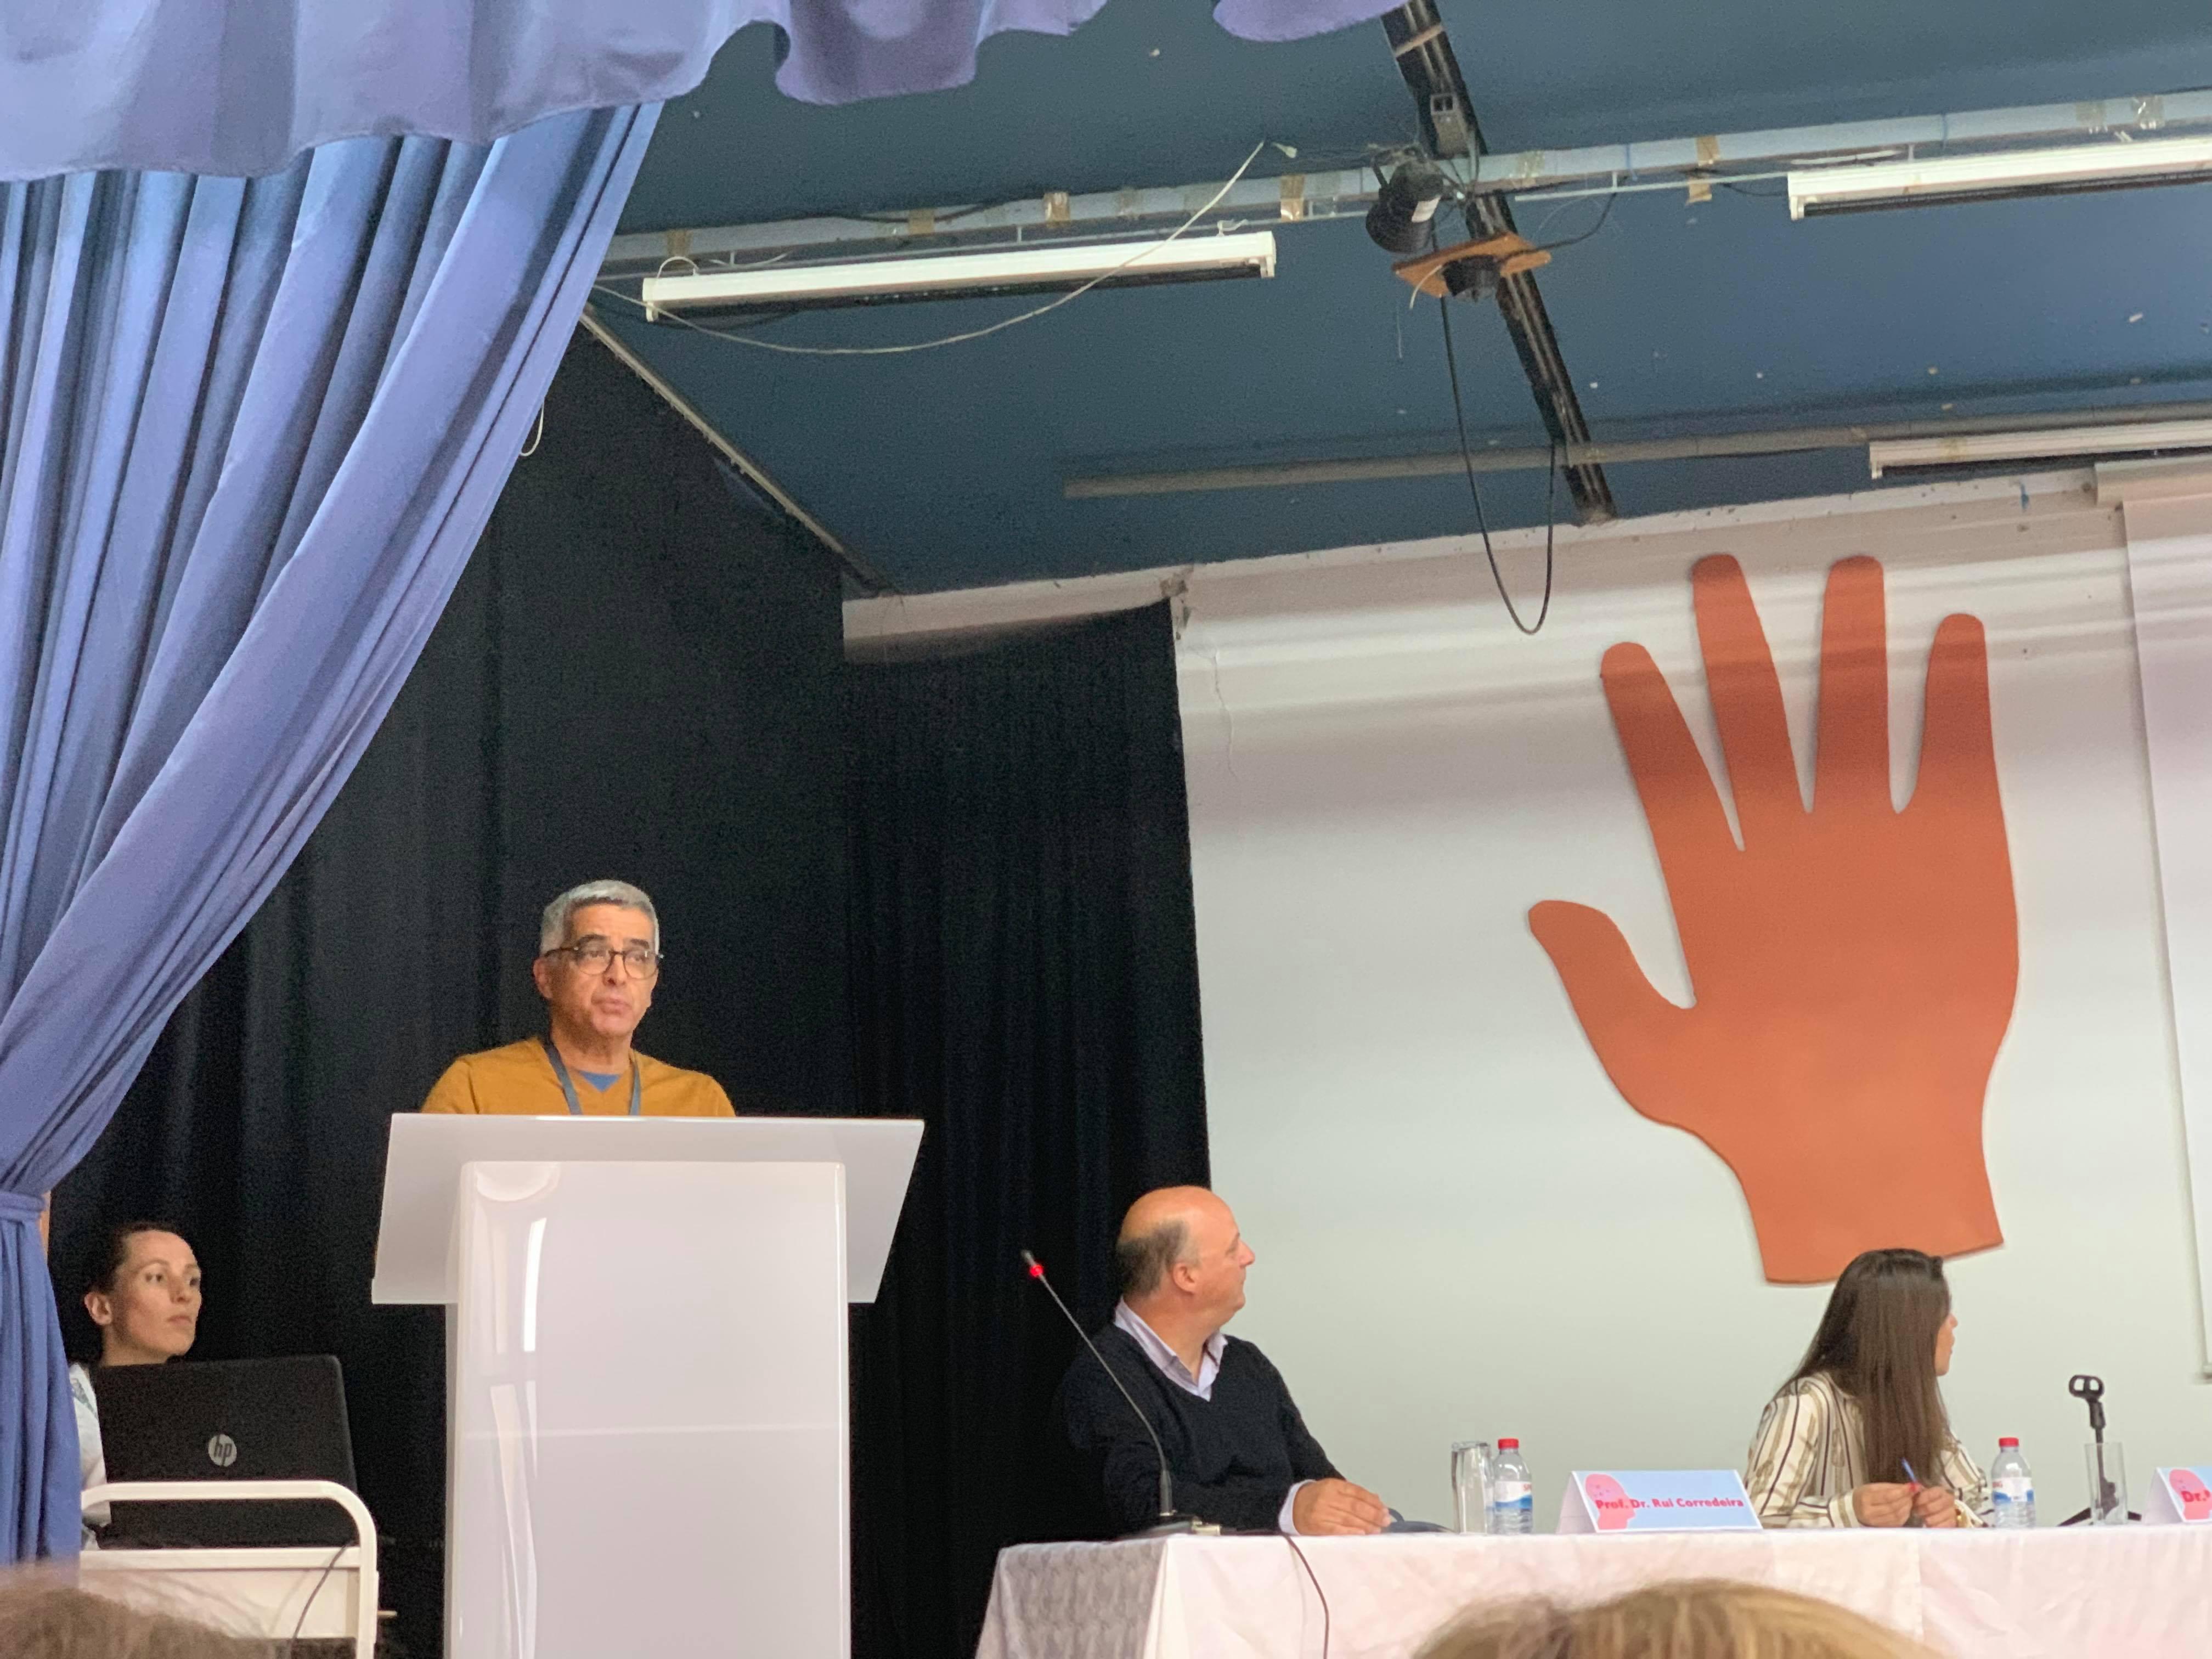 Projeto inovador de Reiki na CERCIGUI apresentado no III Ciclo de Conferências da ALADI